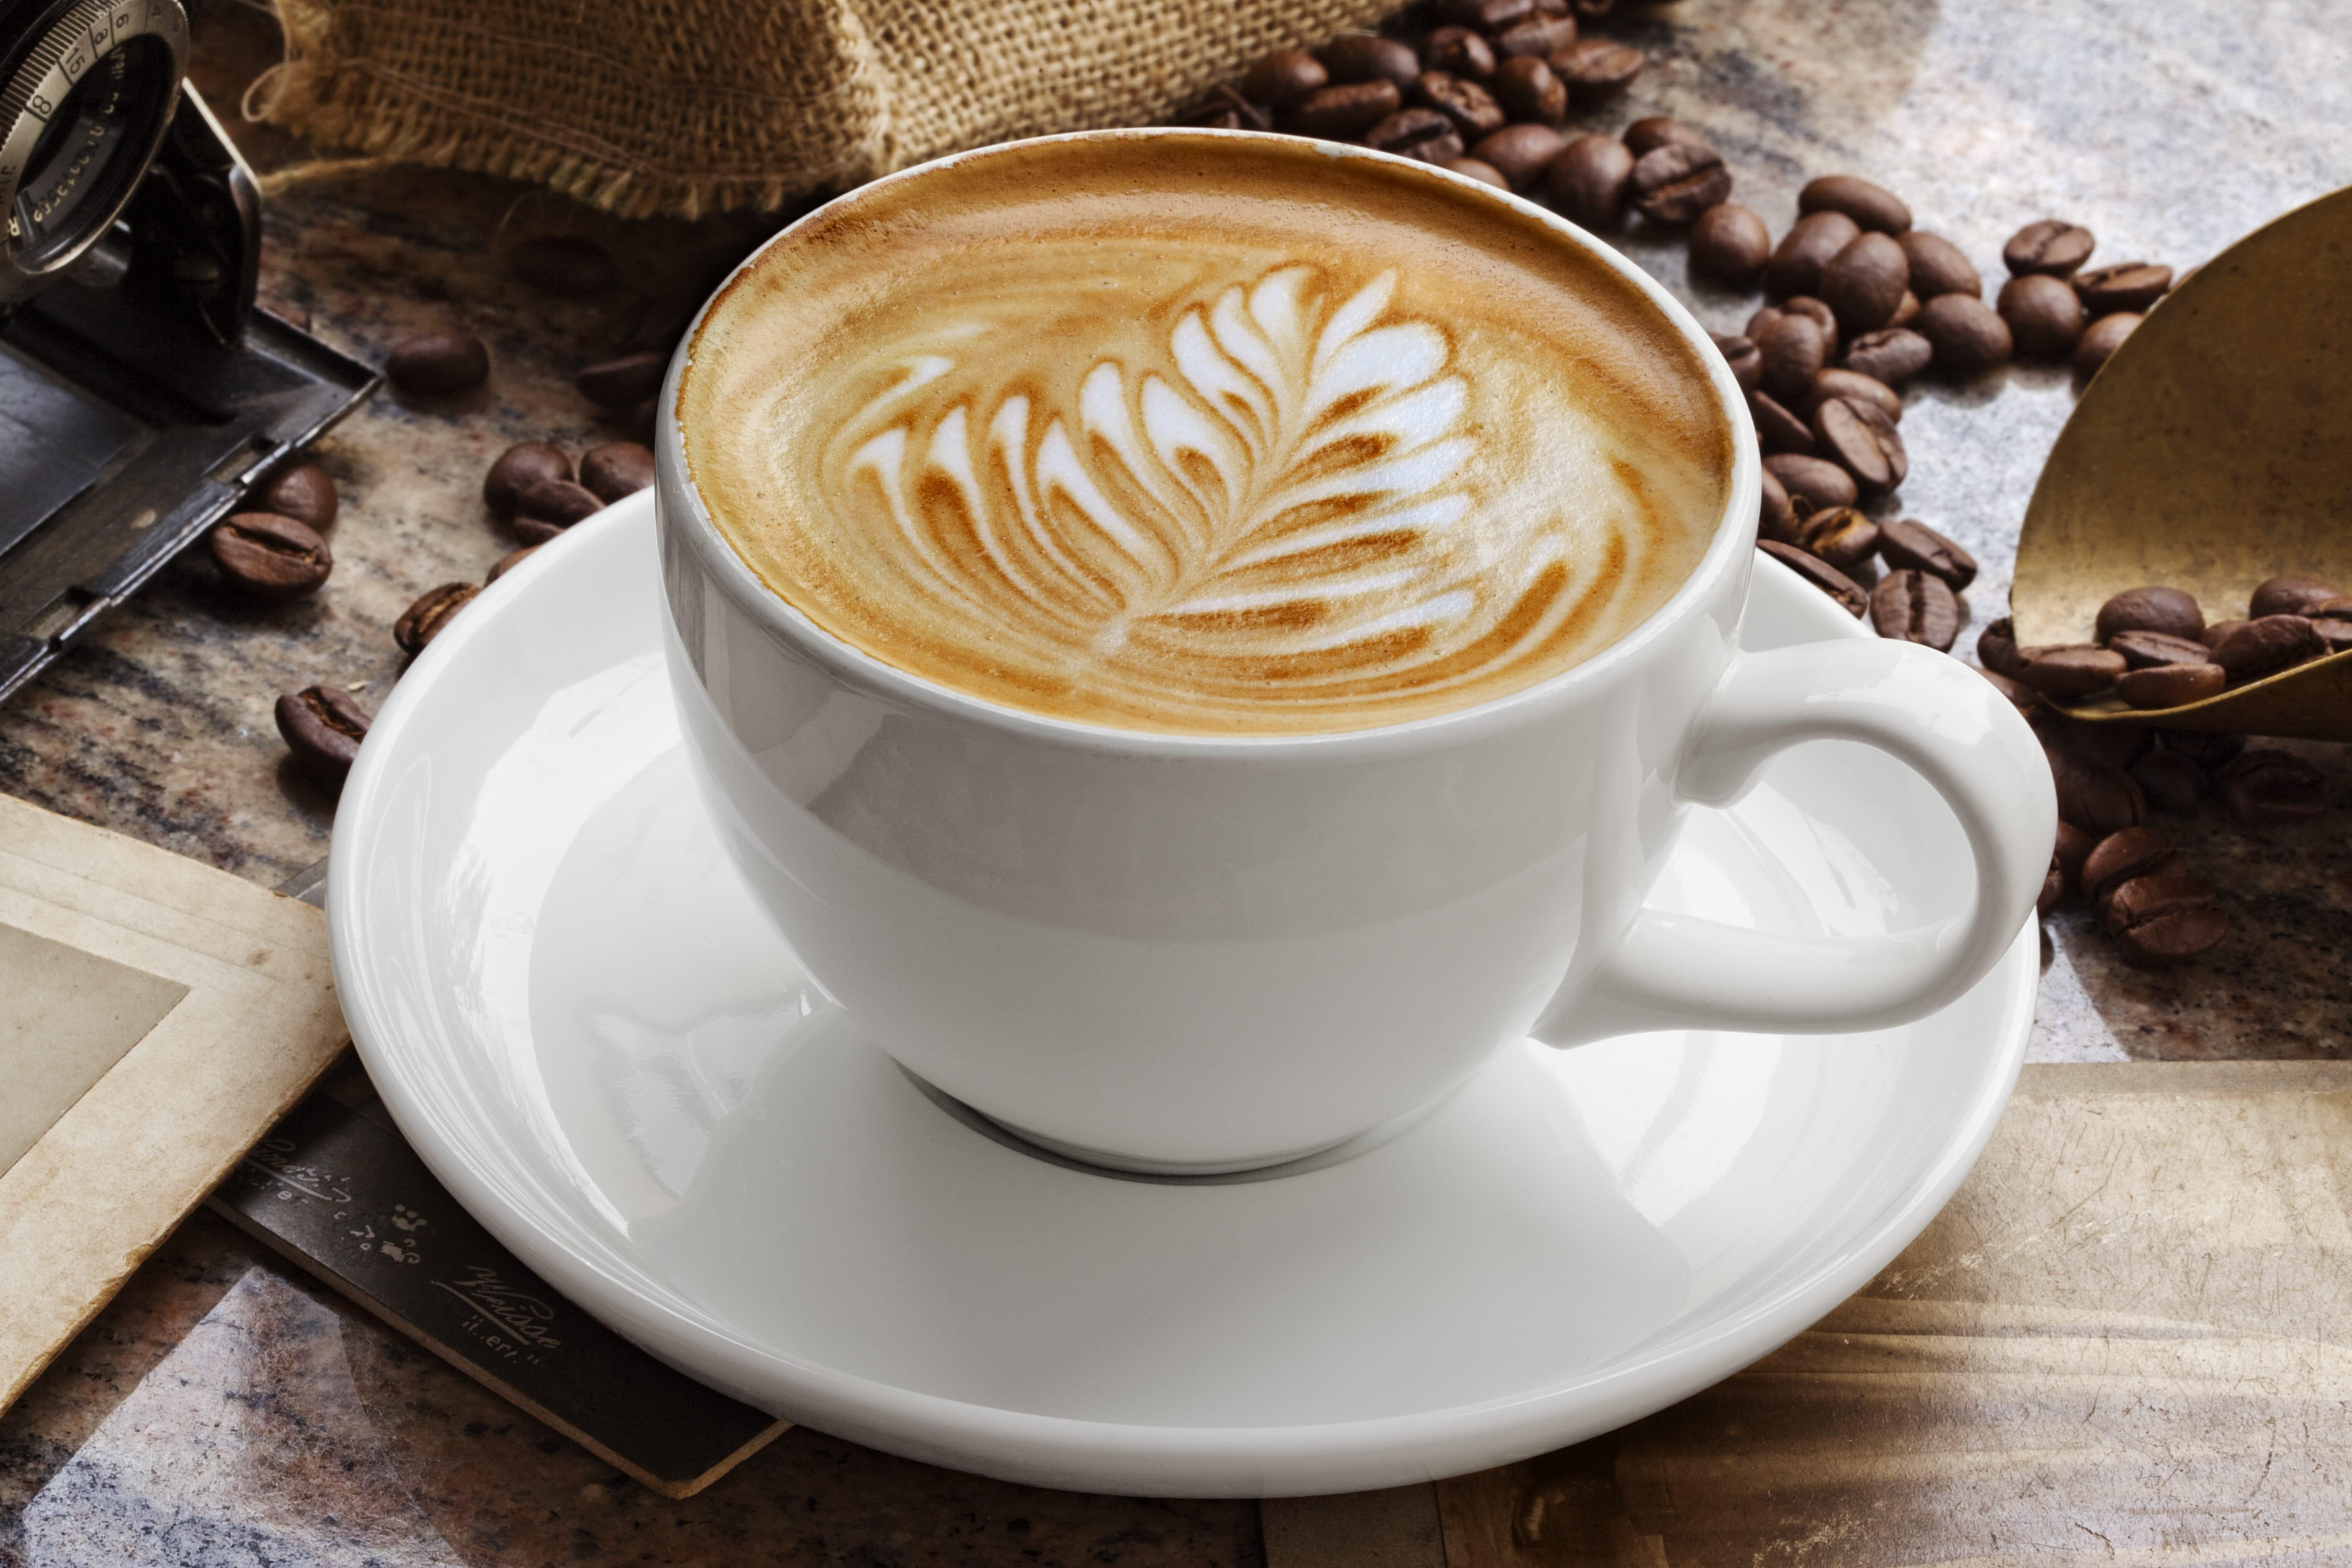 cappuccino selber machen - so funktioniert's - haushaltstipps